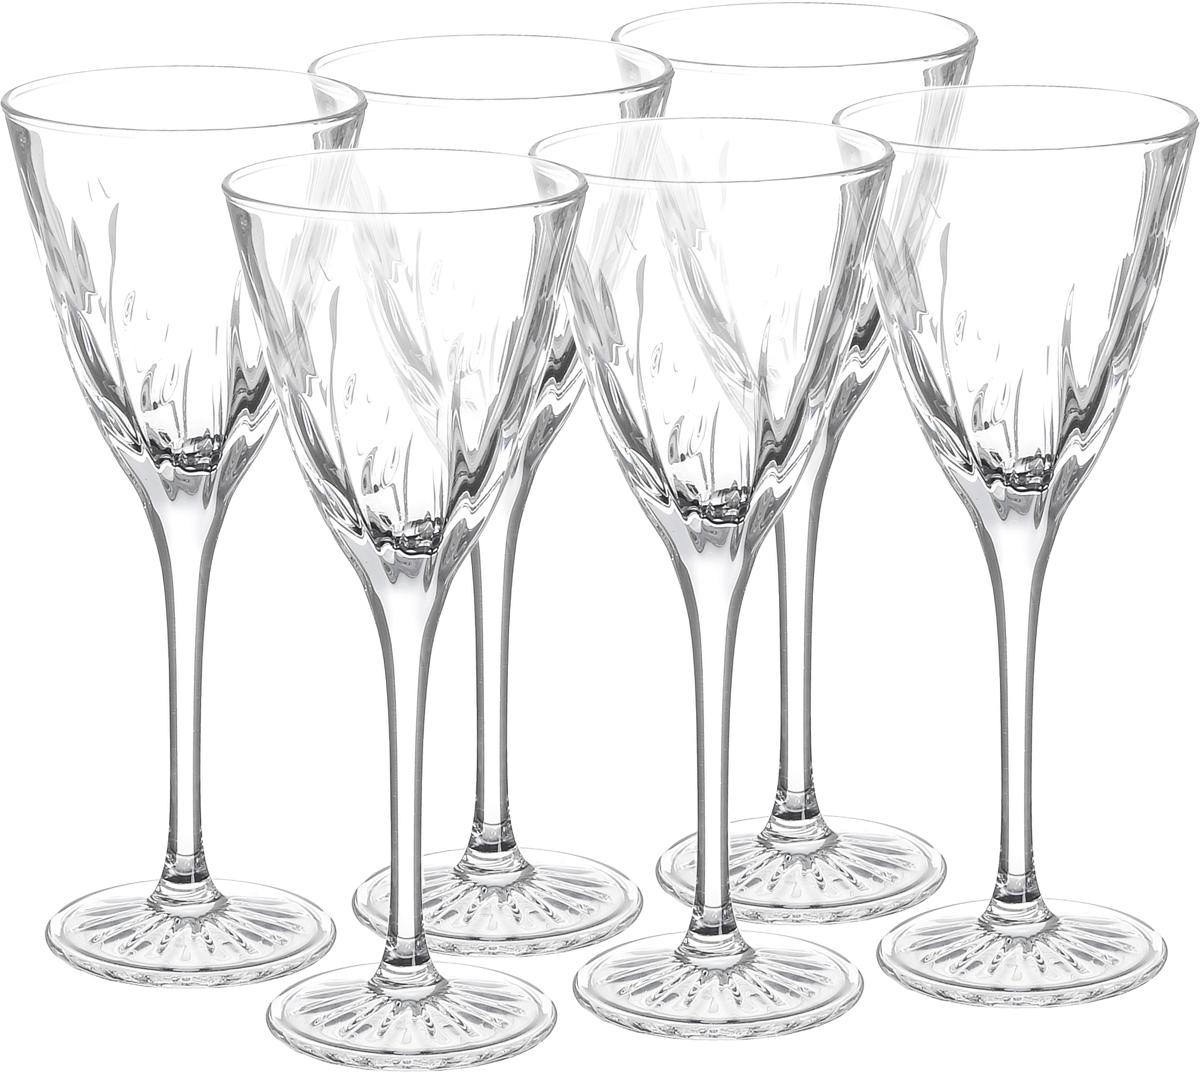 Набор рюмок Cristal dArques Cassandra, 60 мл, 6 штG5637Набор Cristal dArques Cassandra состоит из 6 рюмок, изготовленных из прочного стекла. Изделия, предназначенные для подачи ликера и других спиртных напитков, несомненно придутся вам по душе. Рюмки сочетают в себе элегантный дизайн и функциональность. Набор рюмок Cristal dArques Cassandra идеально подойдет для сервировки стола и станет отличным подарком к любому празднику. Диаметр (по верхнему краю): 5,5 см. Высота: 14 см. Диаметр основания: 4,7 см.